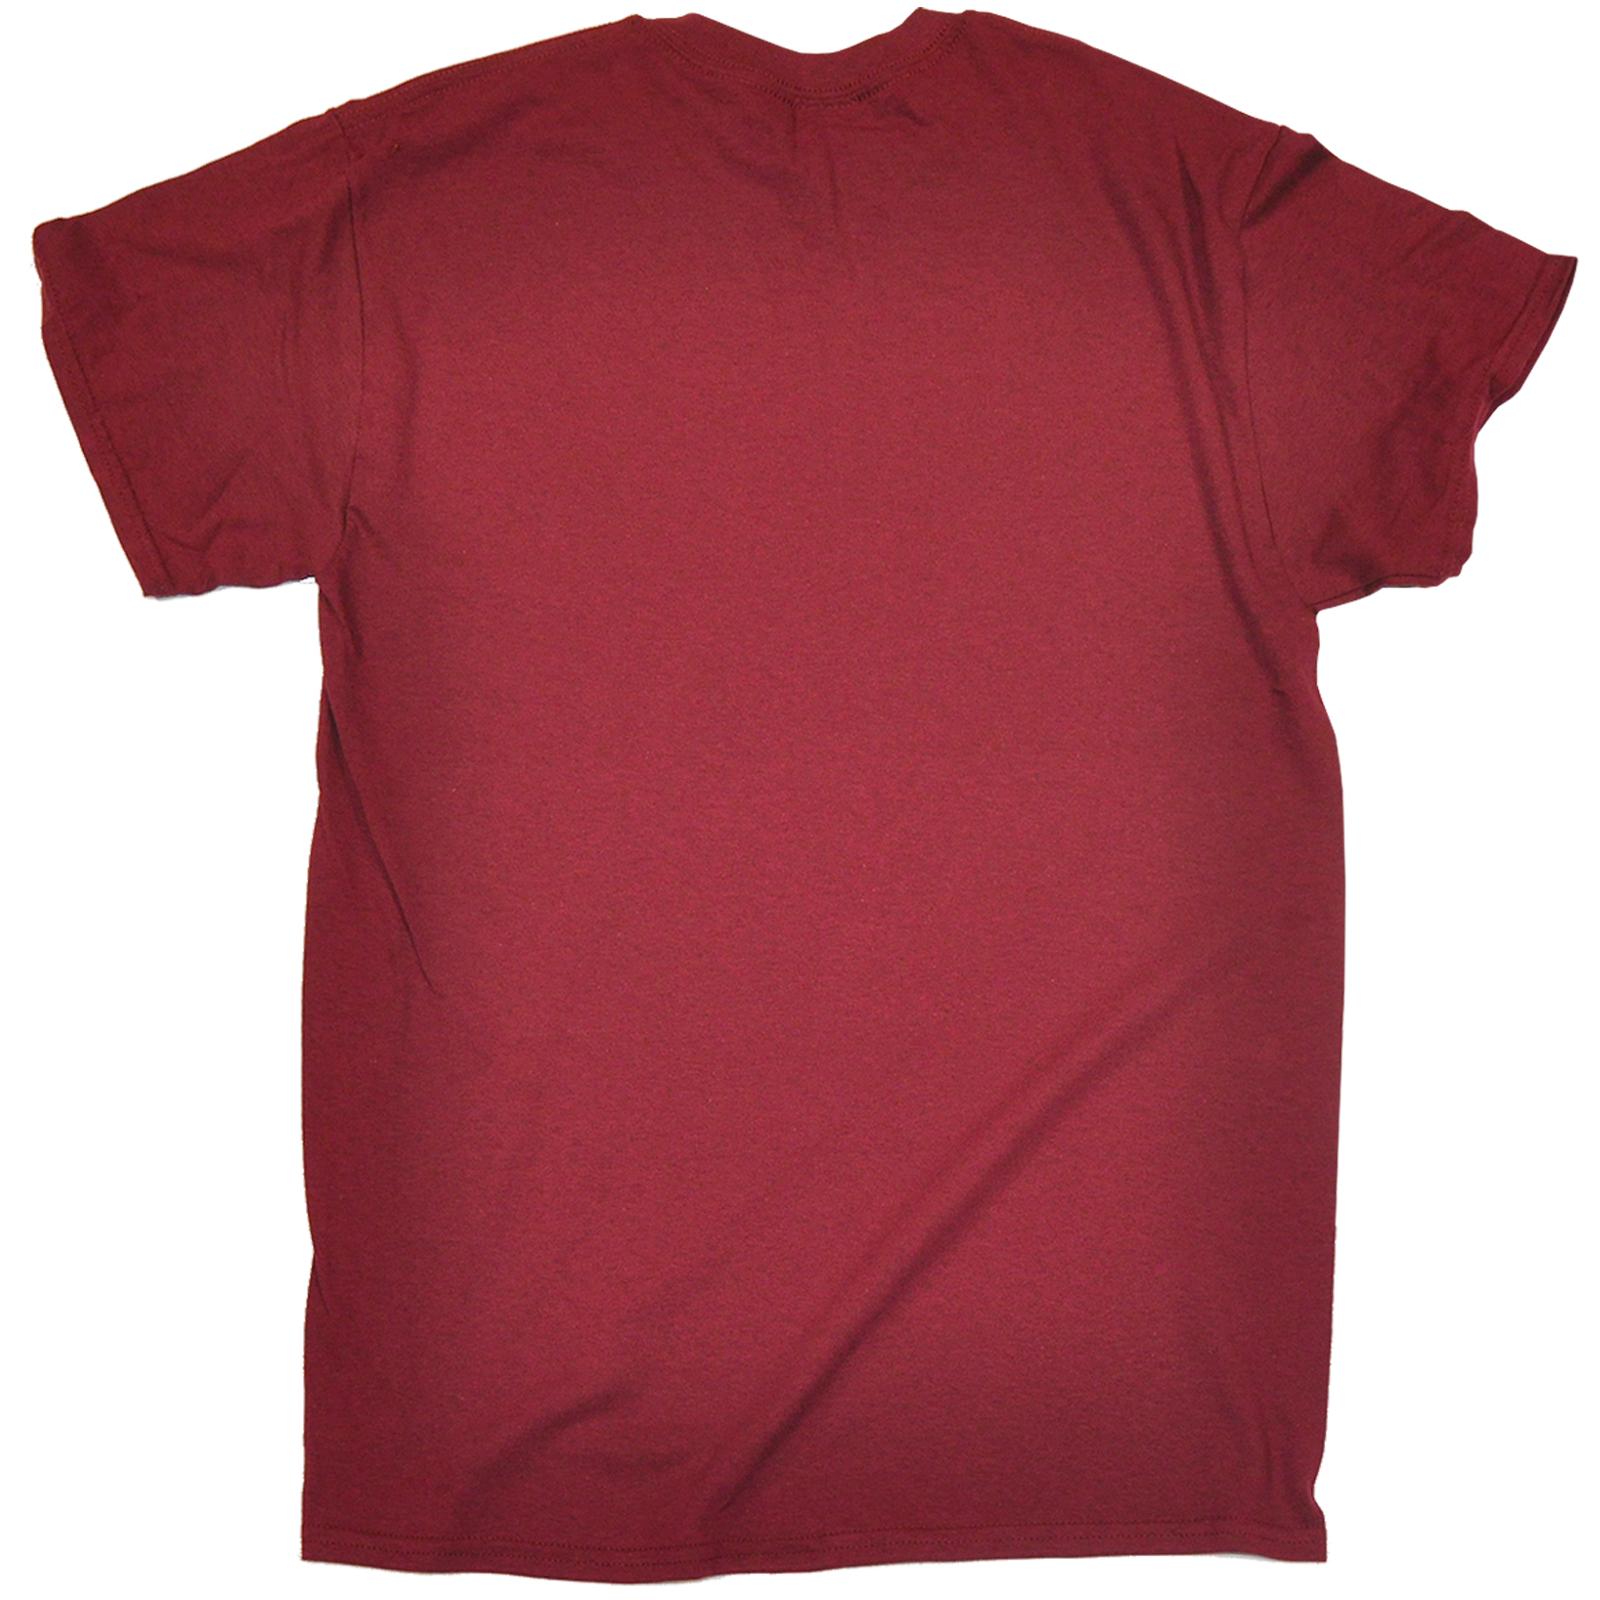 Funny-Novelty-T-Shirt-Mens-tee-TShirt-I-Dont-Give-A thumbnail 9